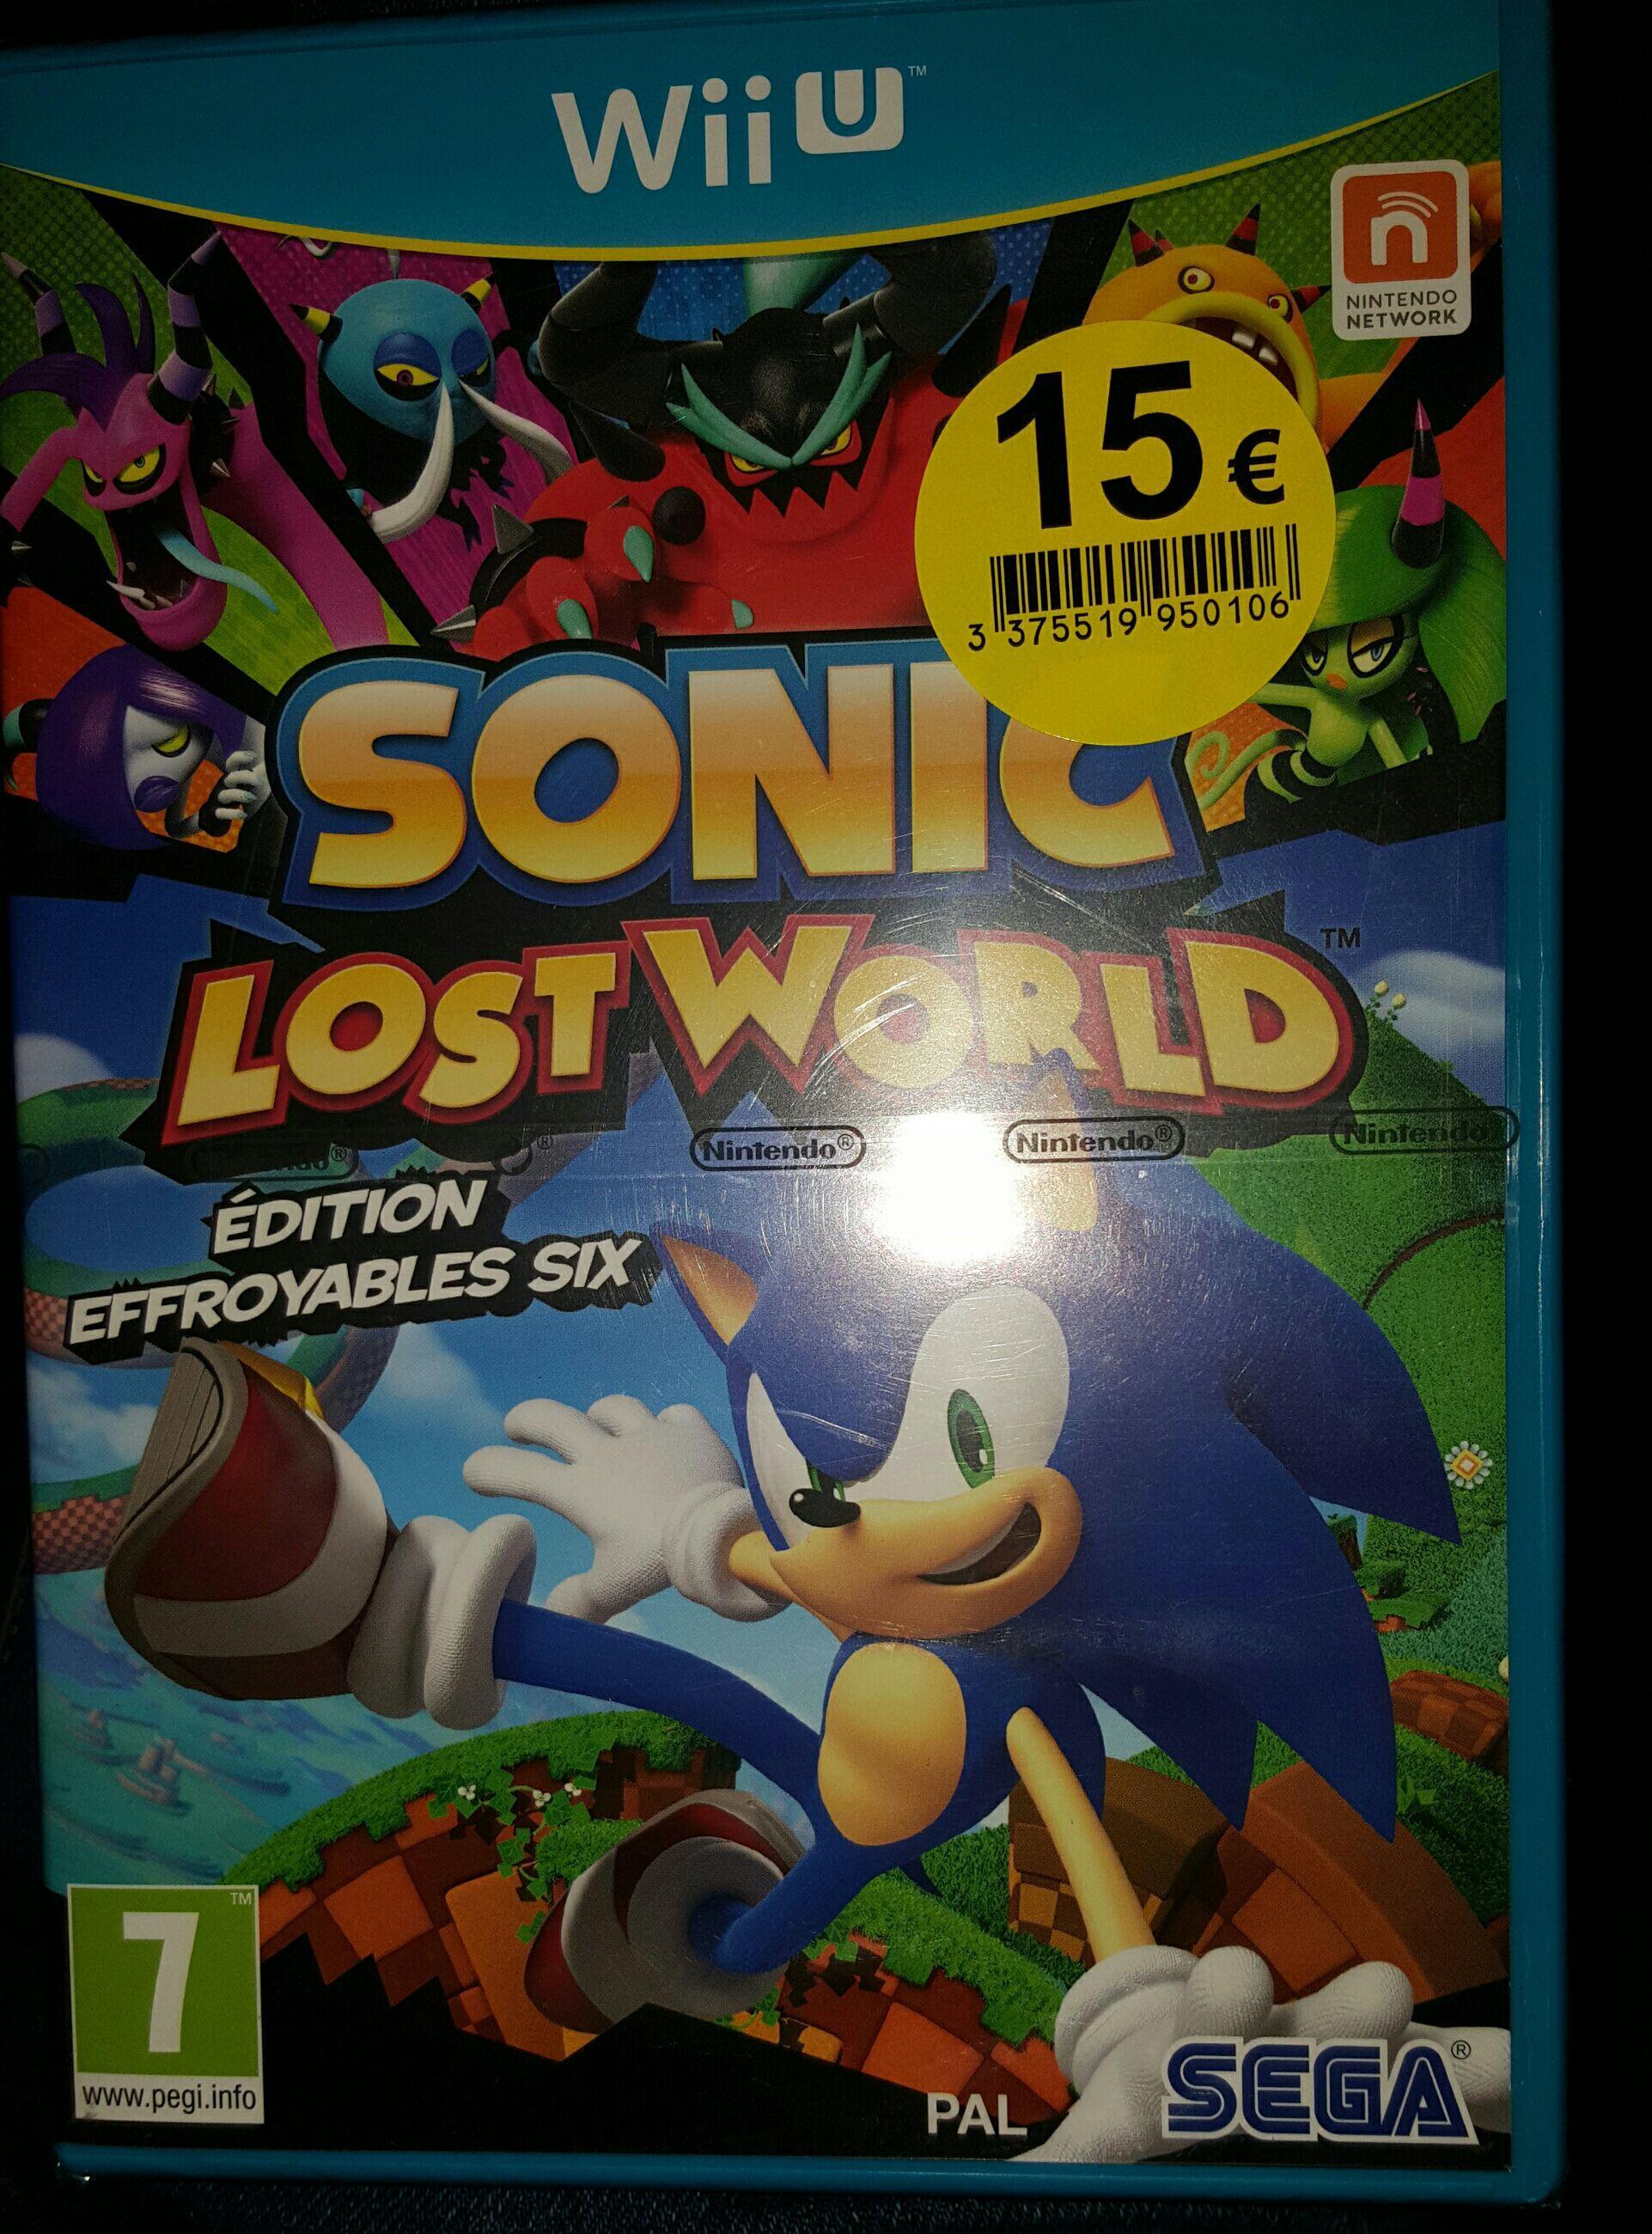 Sonic Lost Word sur Wii U